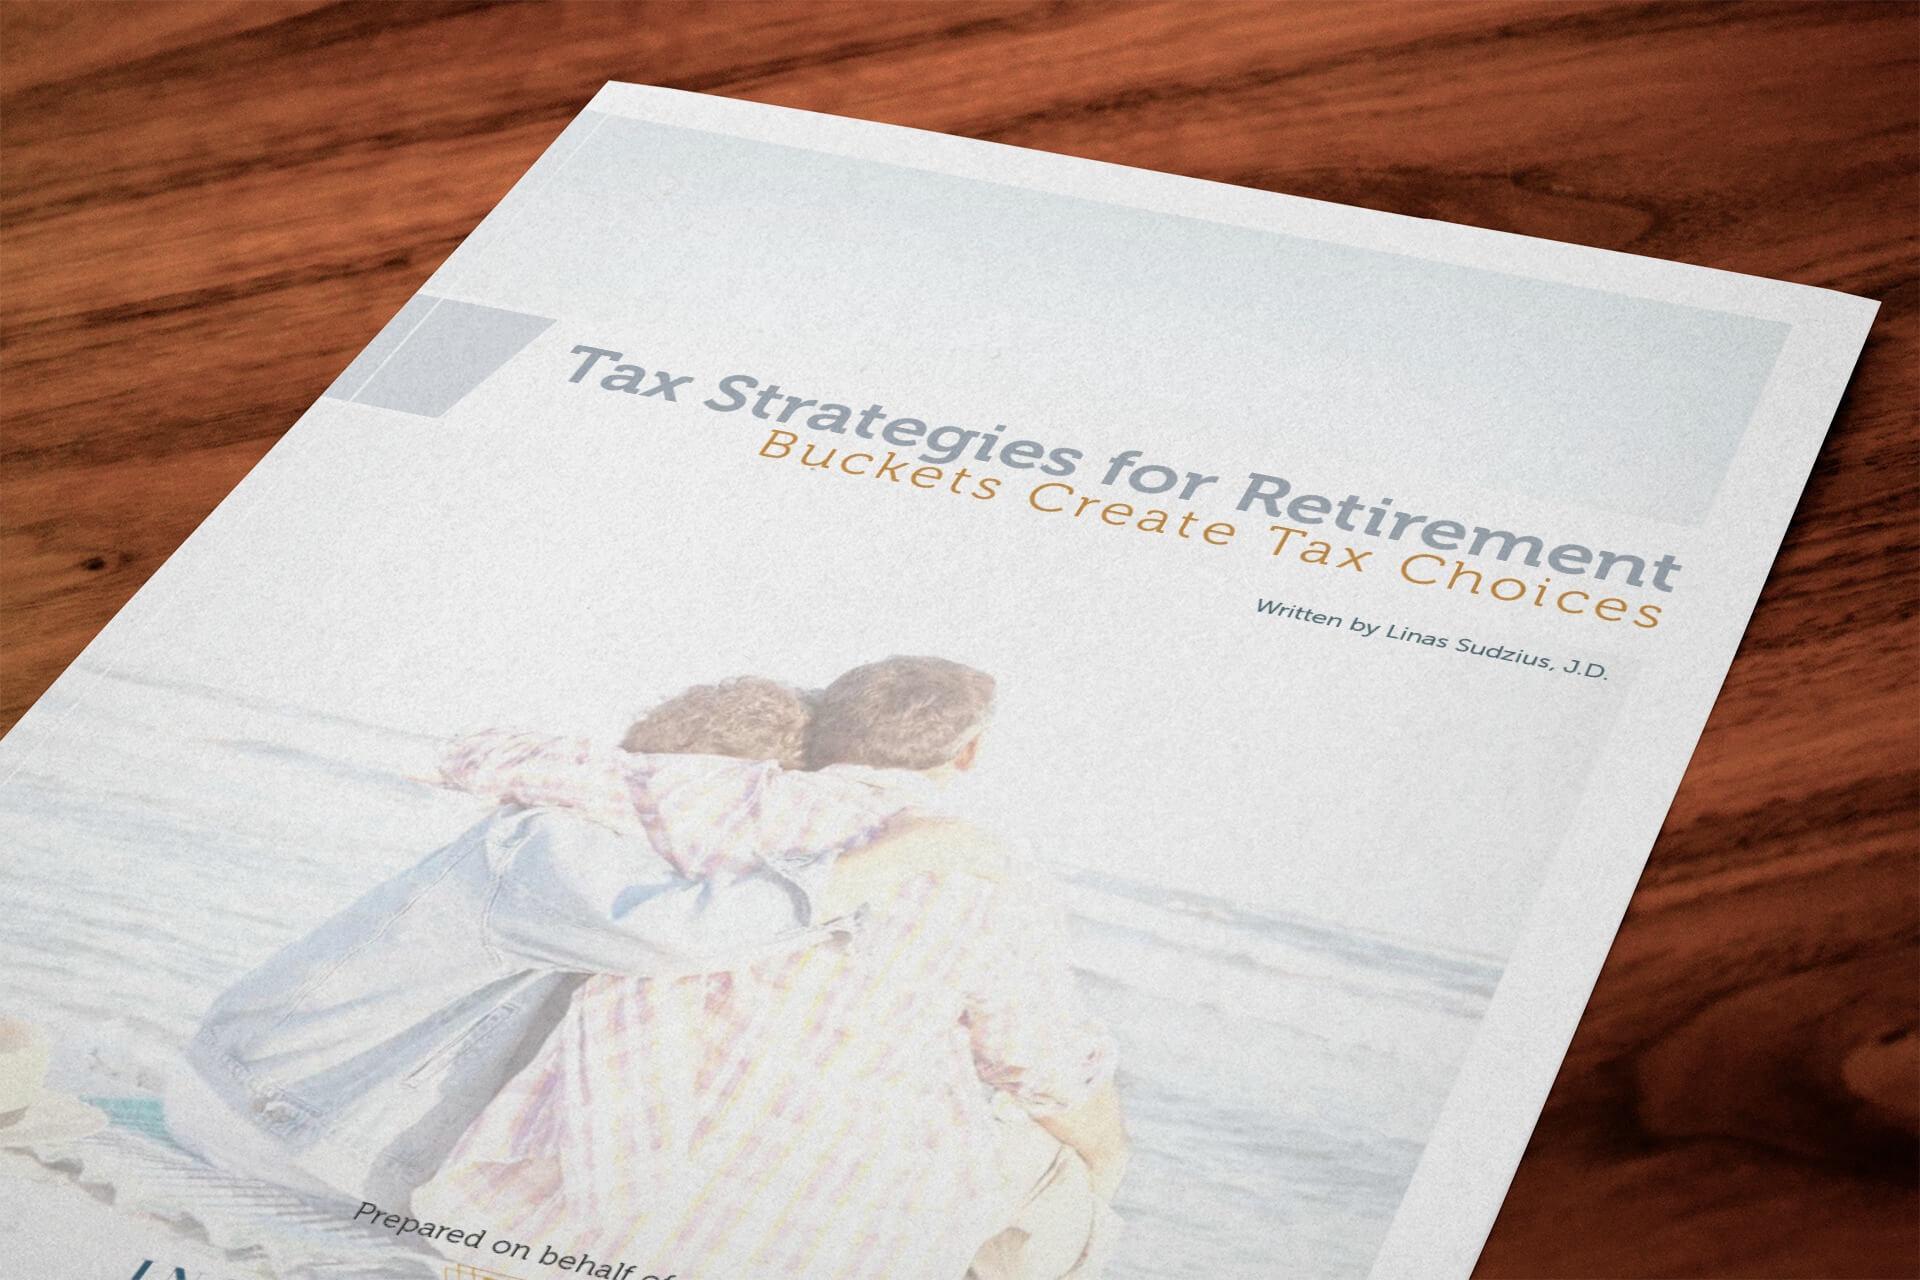 Tax Strategies for Retirement Thumbnail